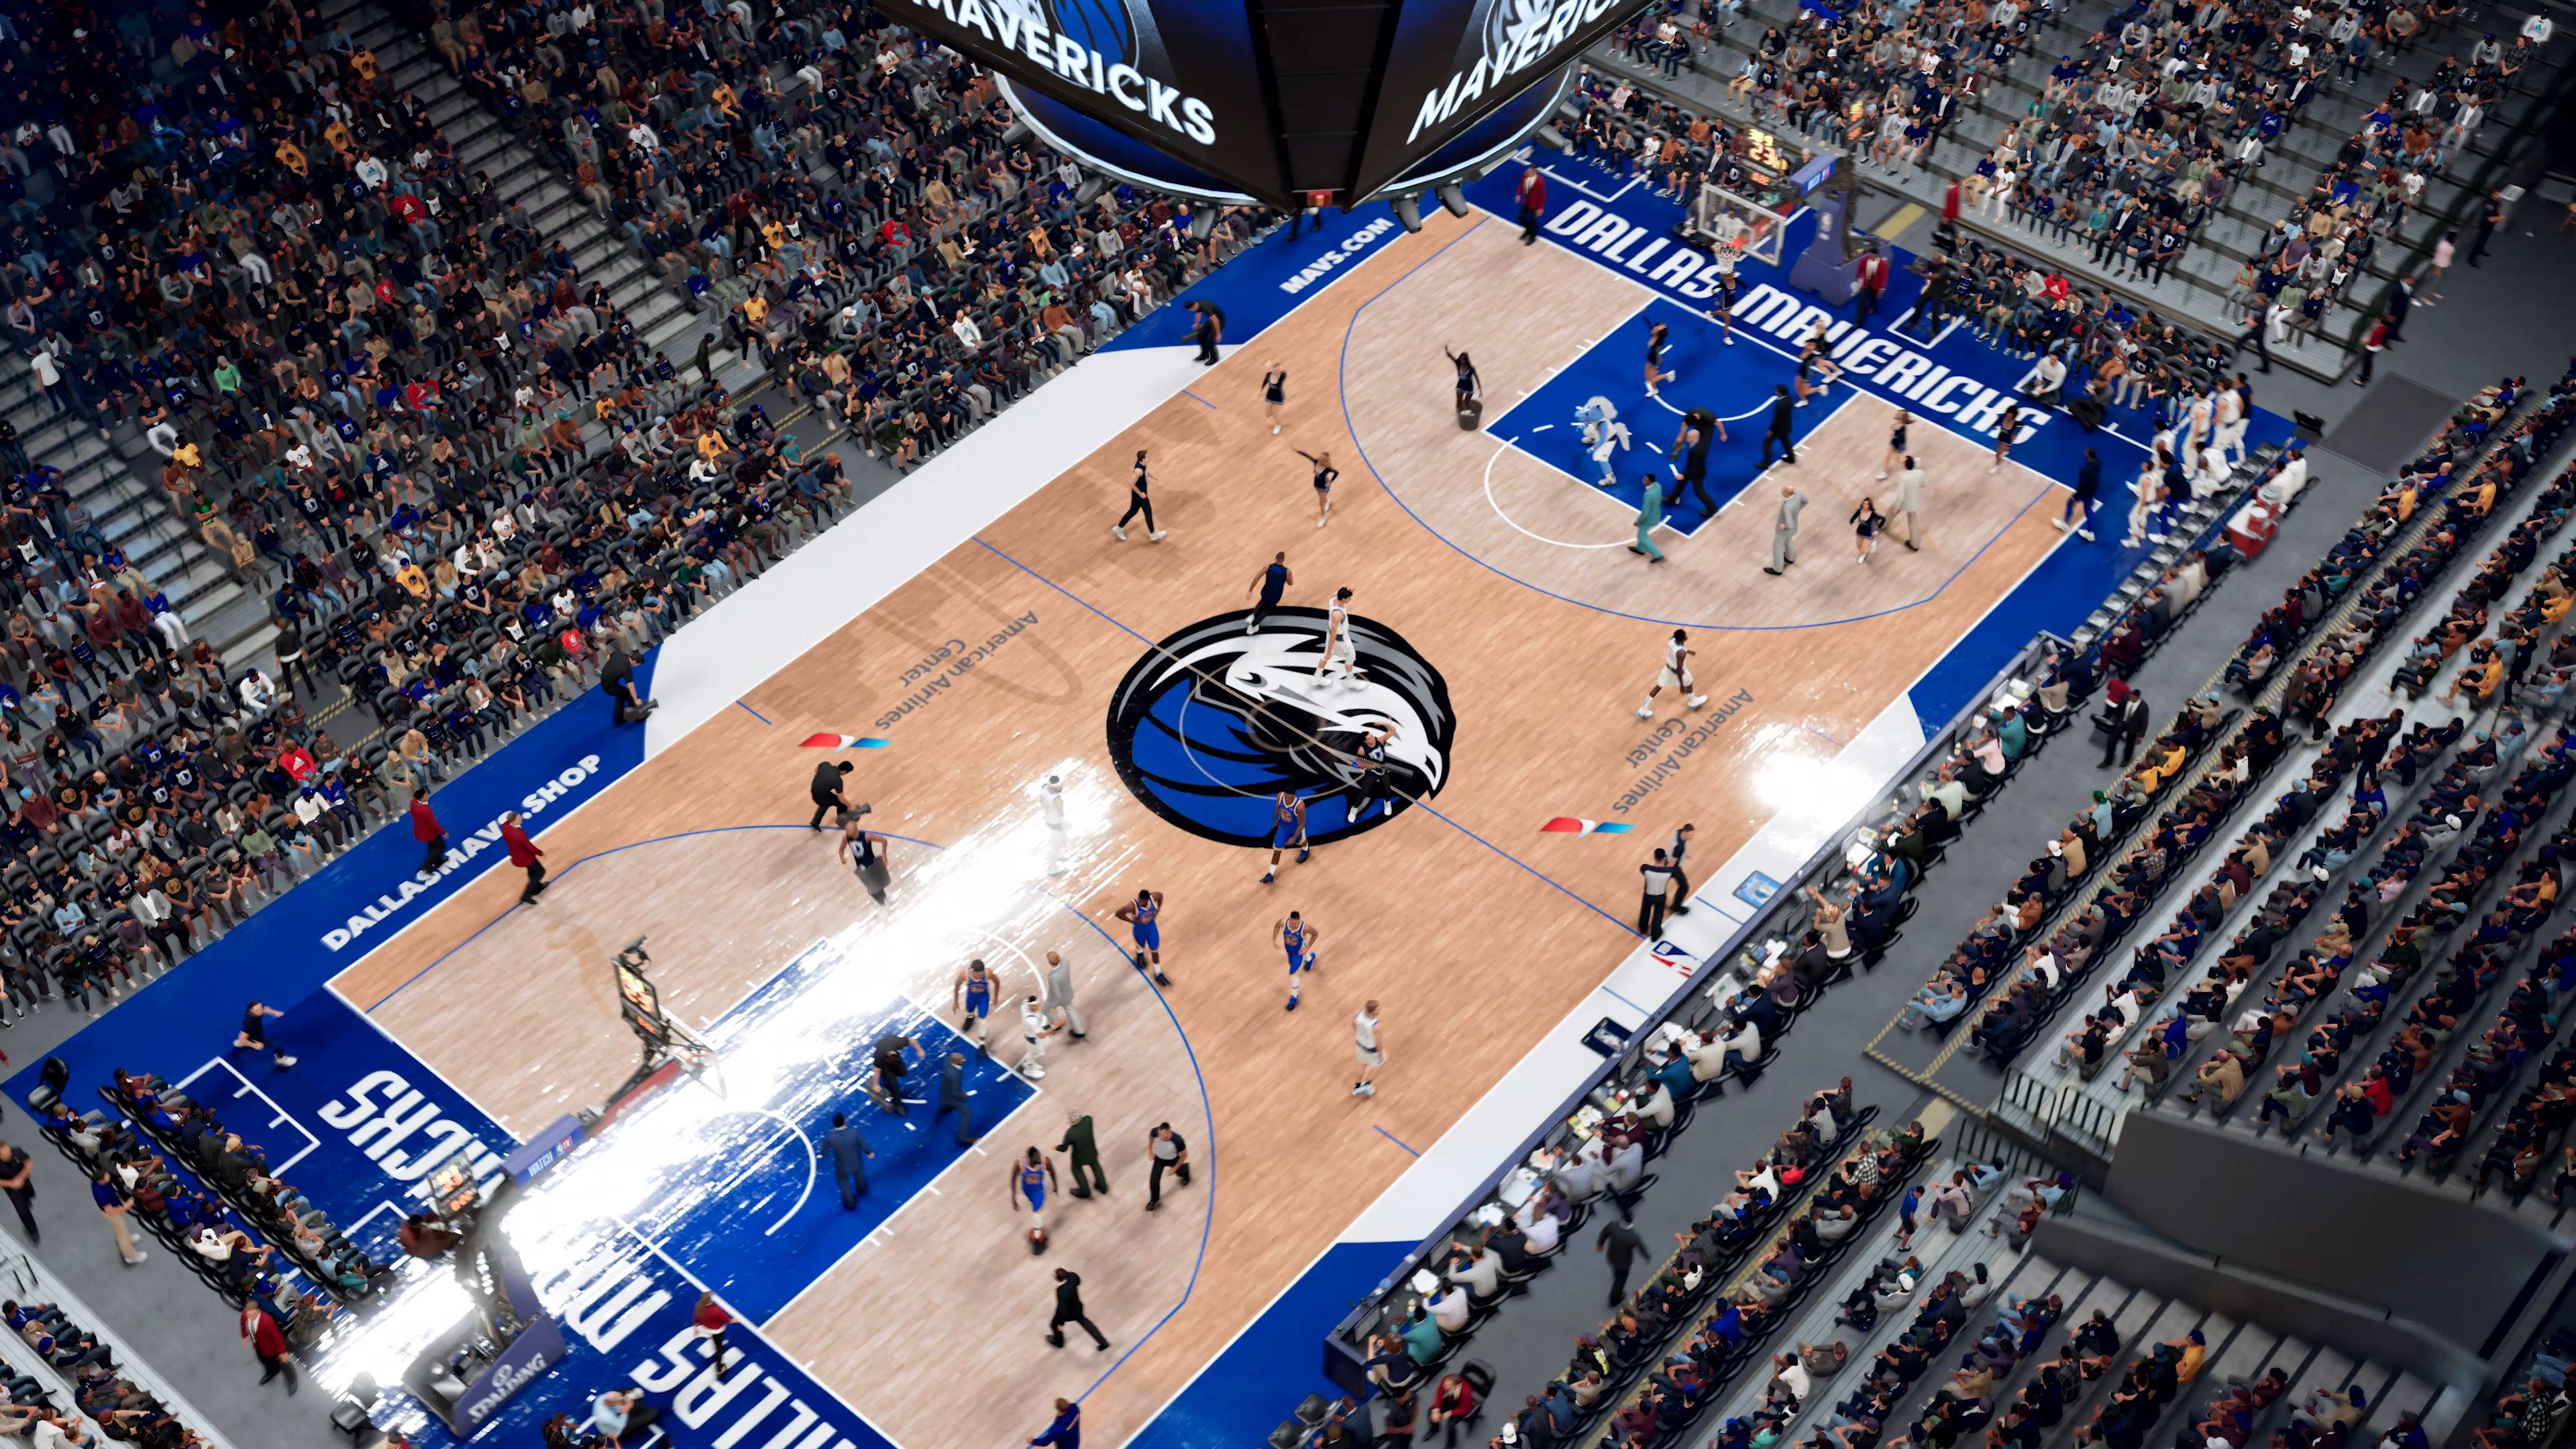 惊掉下巴!《NBA 2K21》向您发送了首支次世代游戏画面